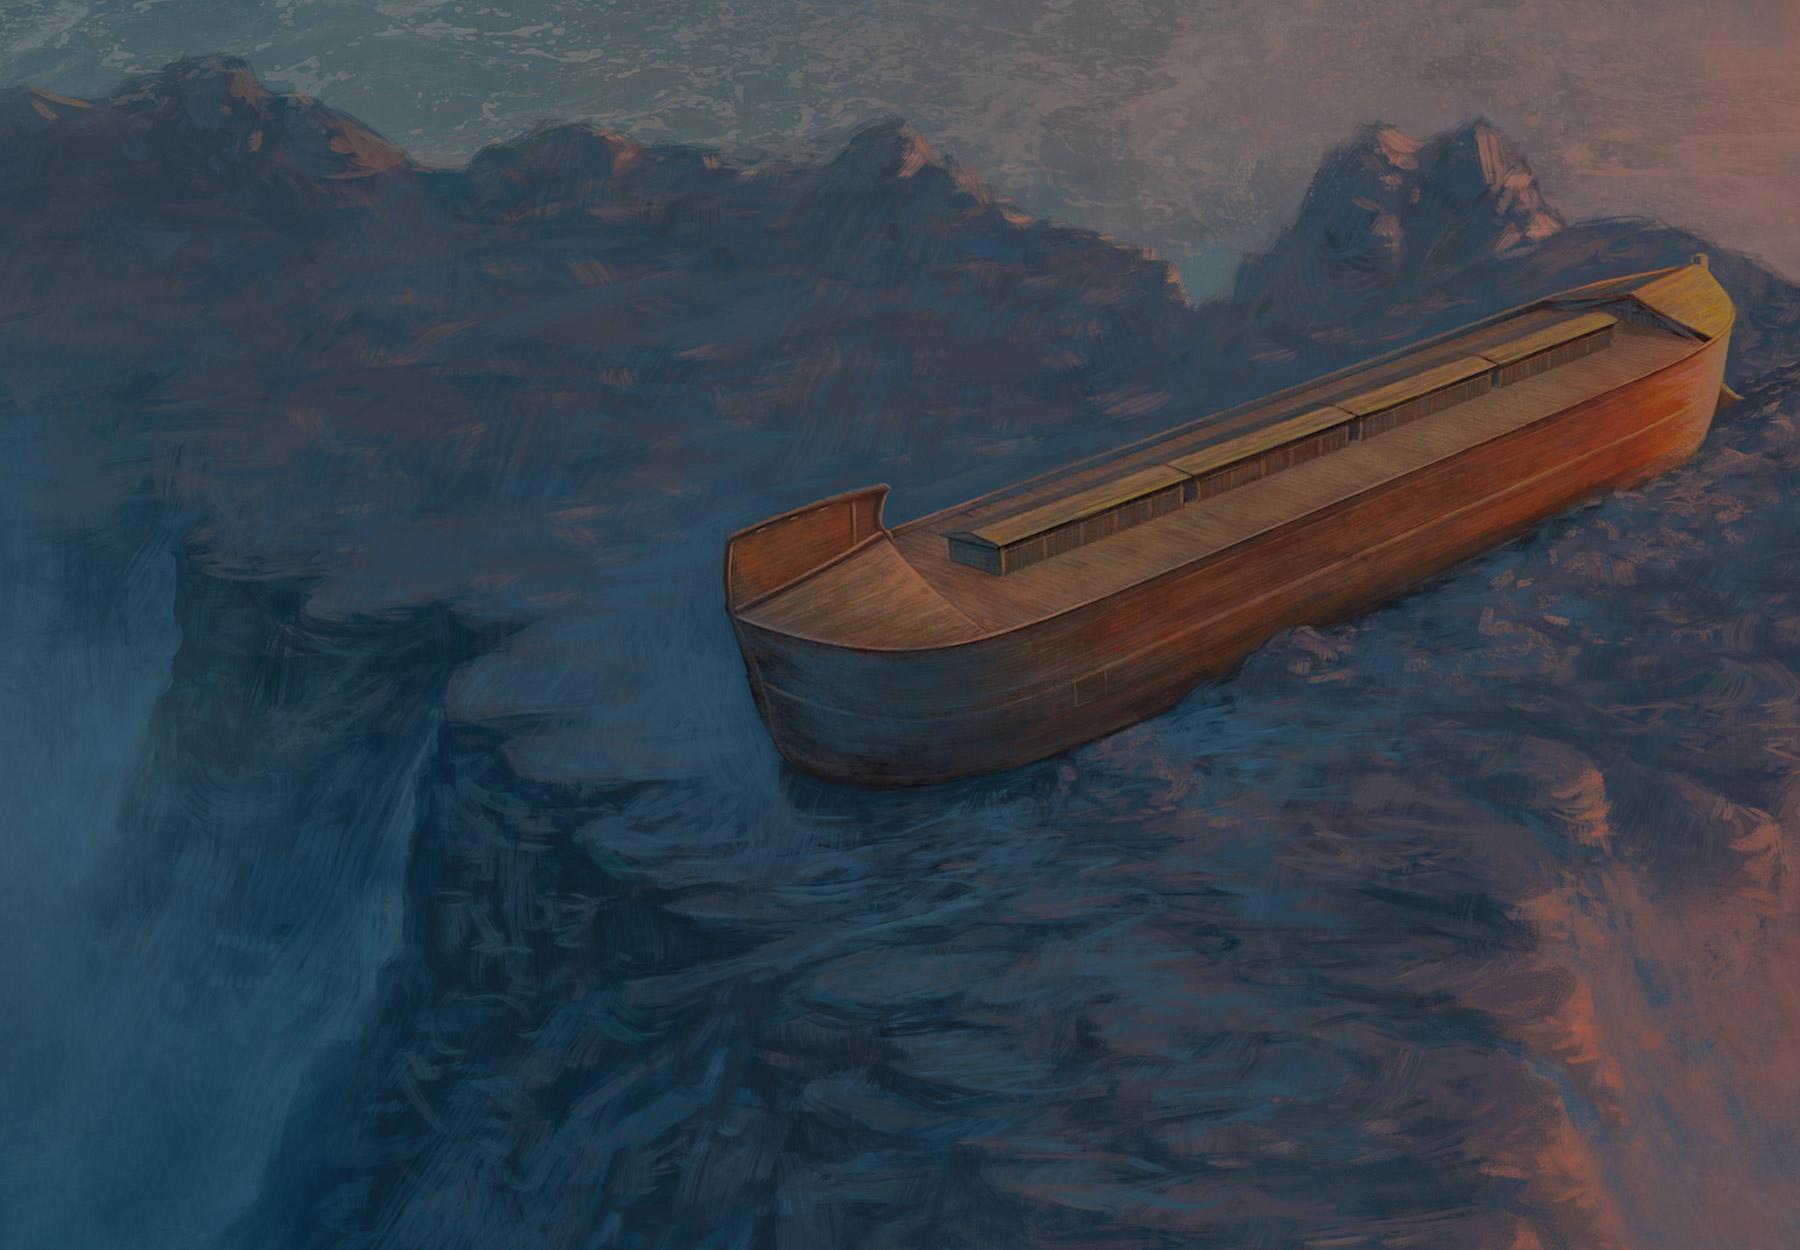 Flood Subsides Illustration